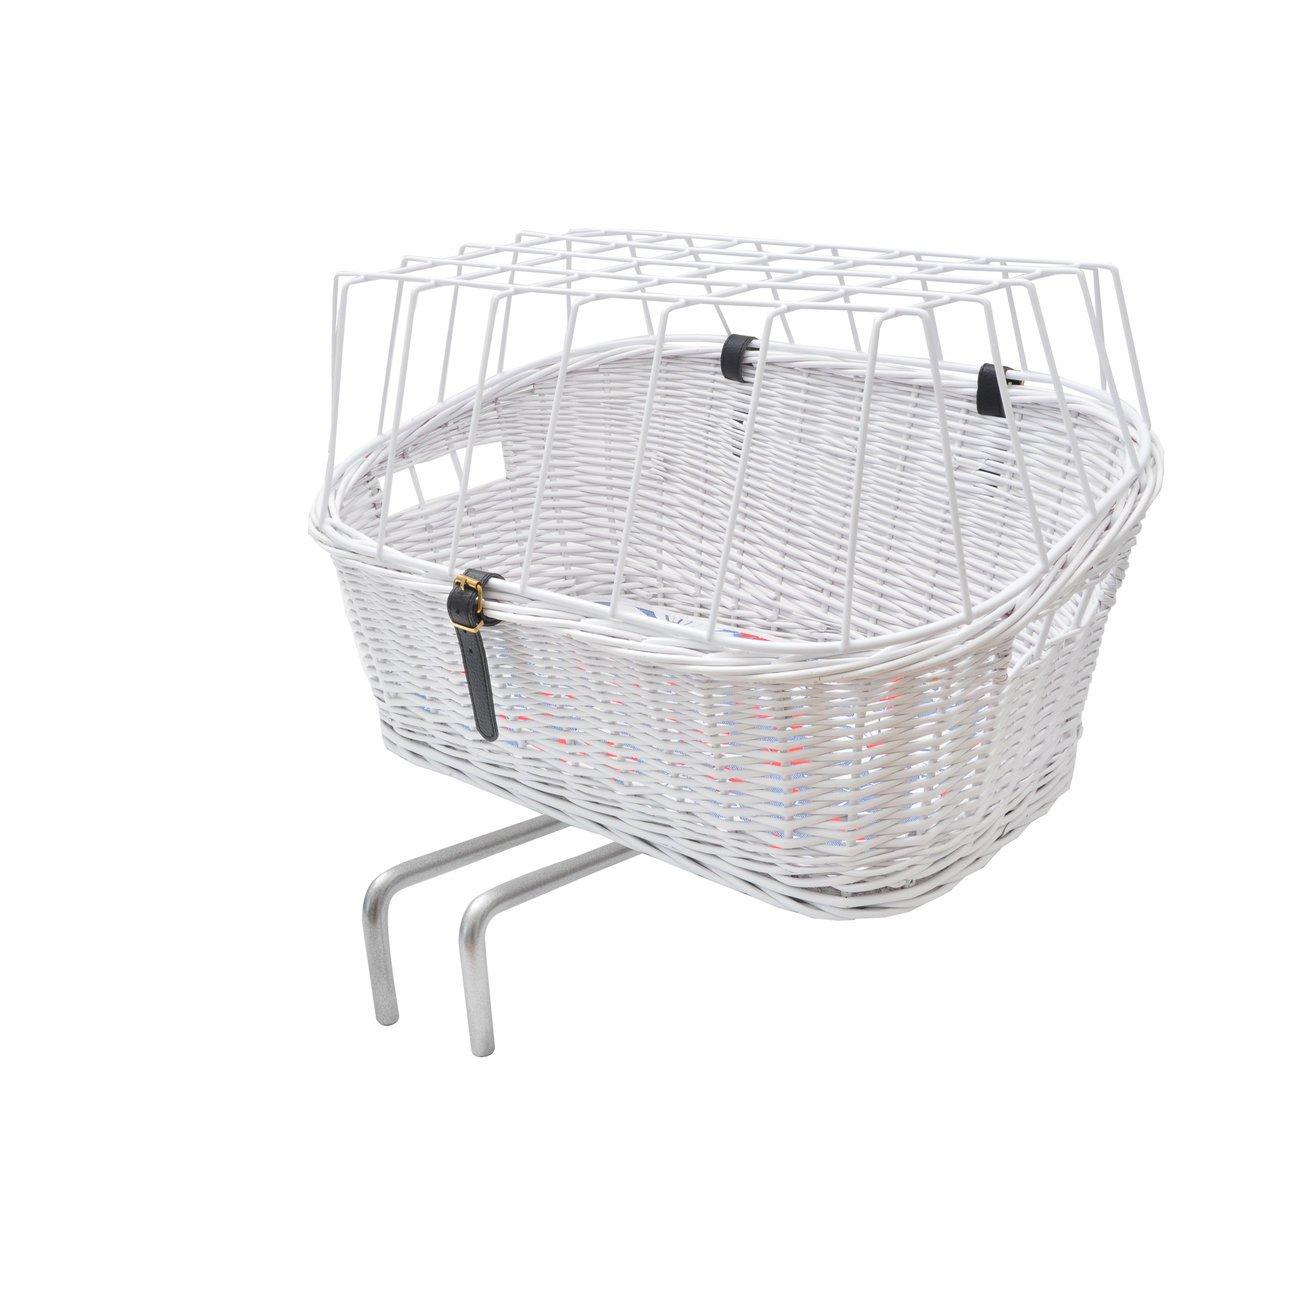 Aumüller Hunde Fahrradkorb hoch für E-Bike, L: 57 x 40 x 25/34 cm, weiß